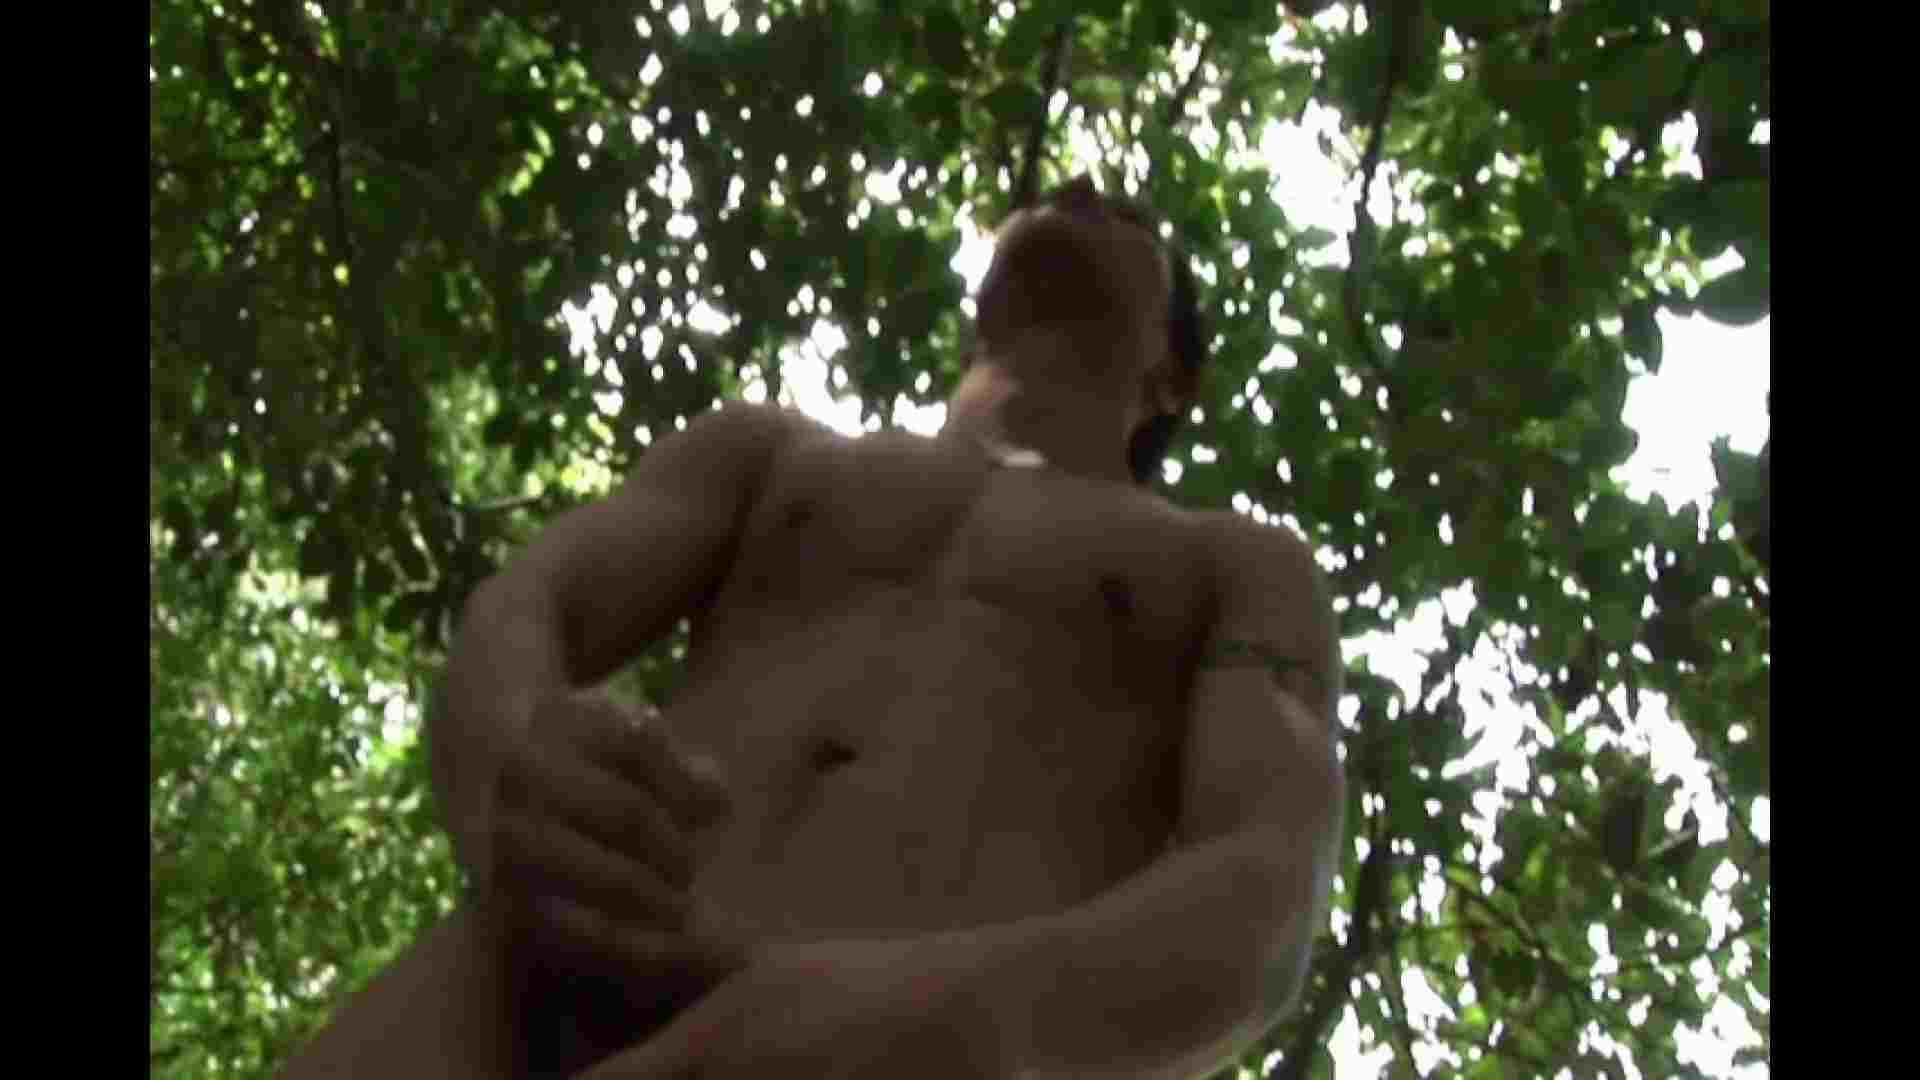 突然ですがしゃぶらせてください Vol.19 野外露出 ゲイ素人エロ画像 86枚 45